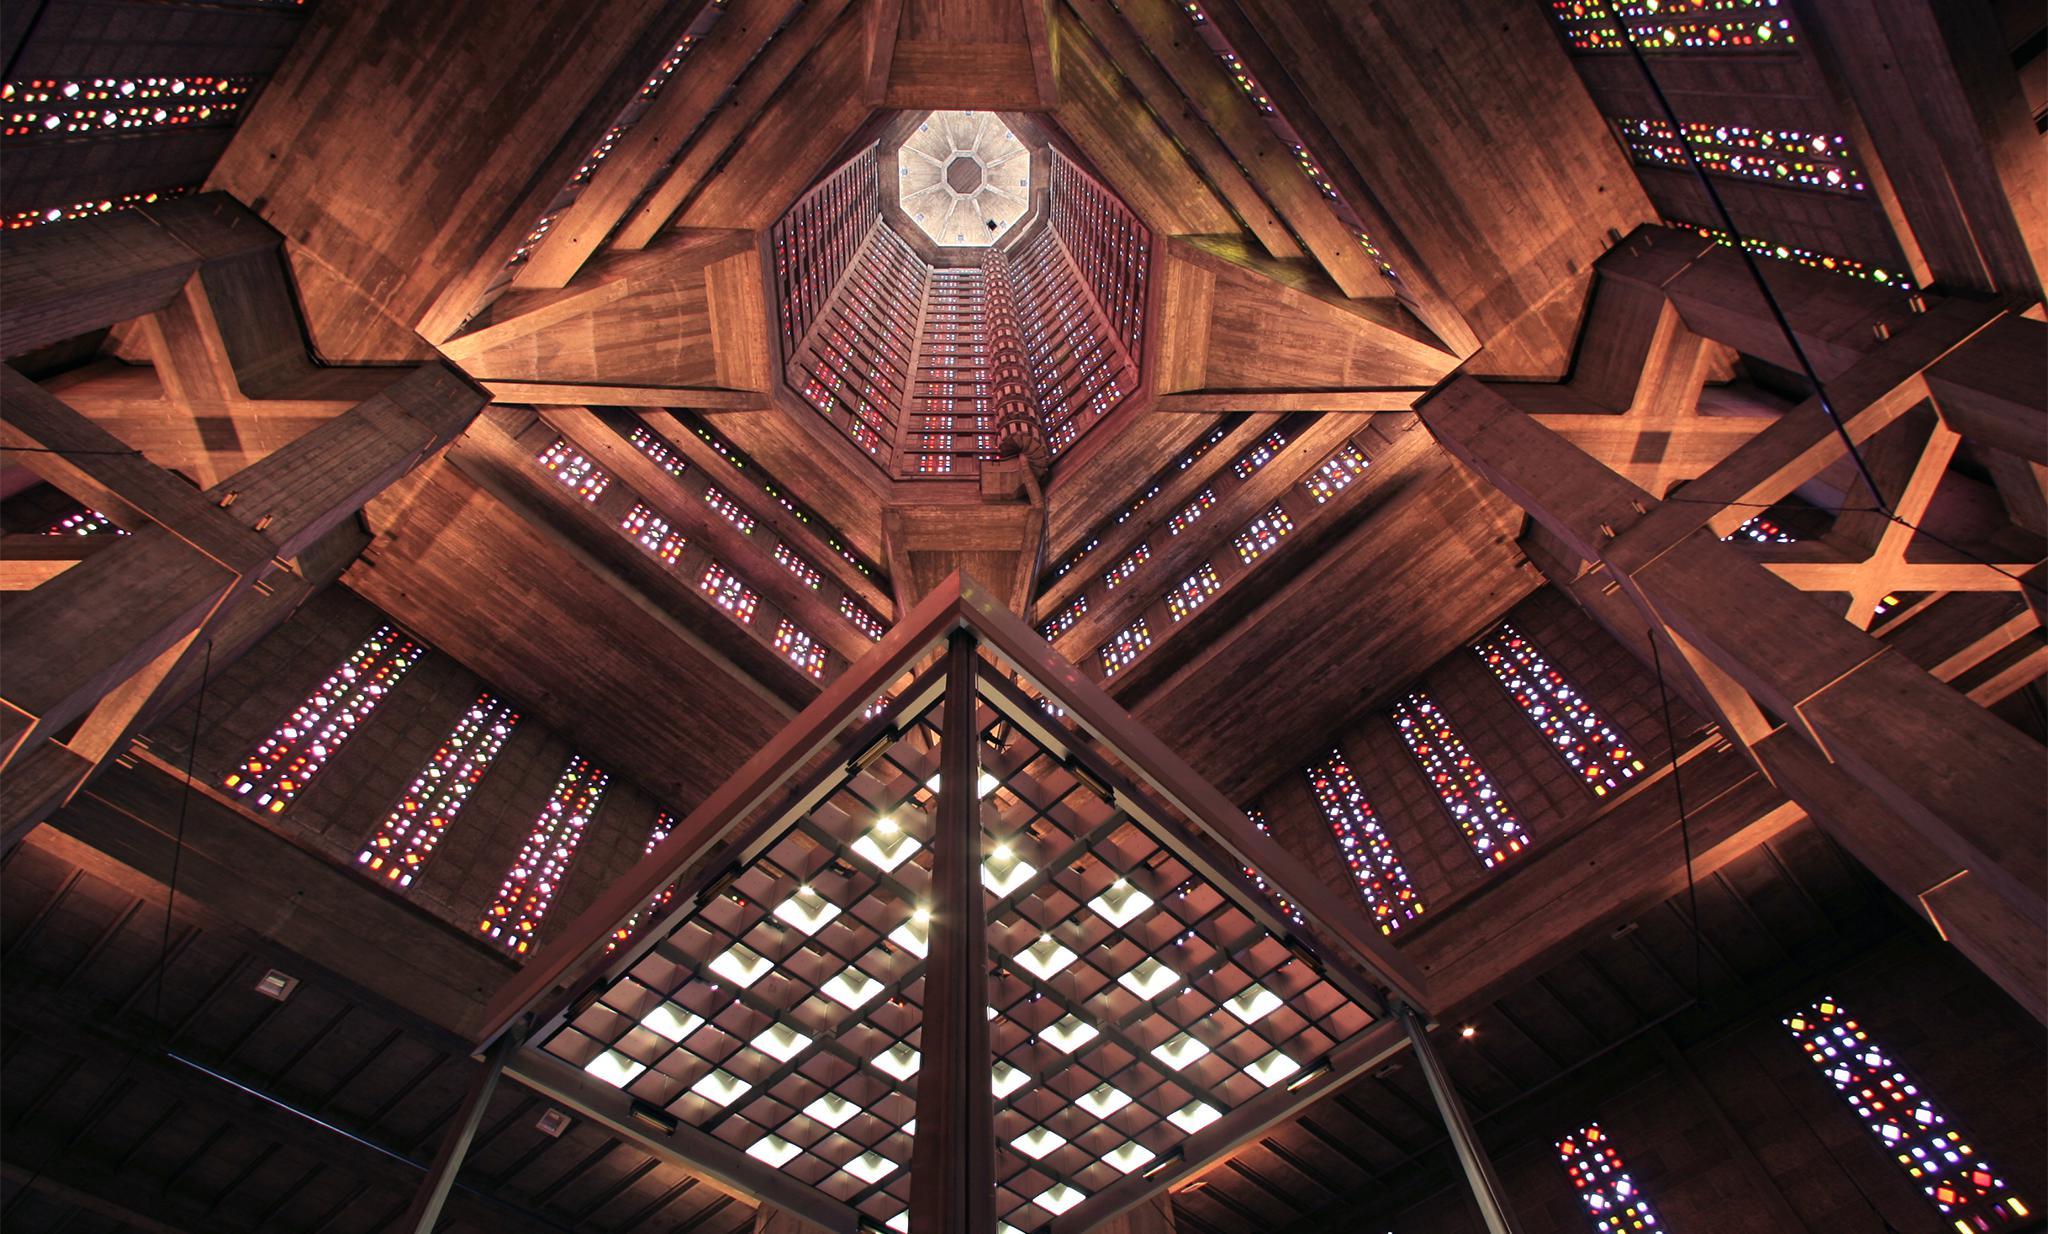 Intérieur de l'église Saint-Joseph